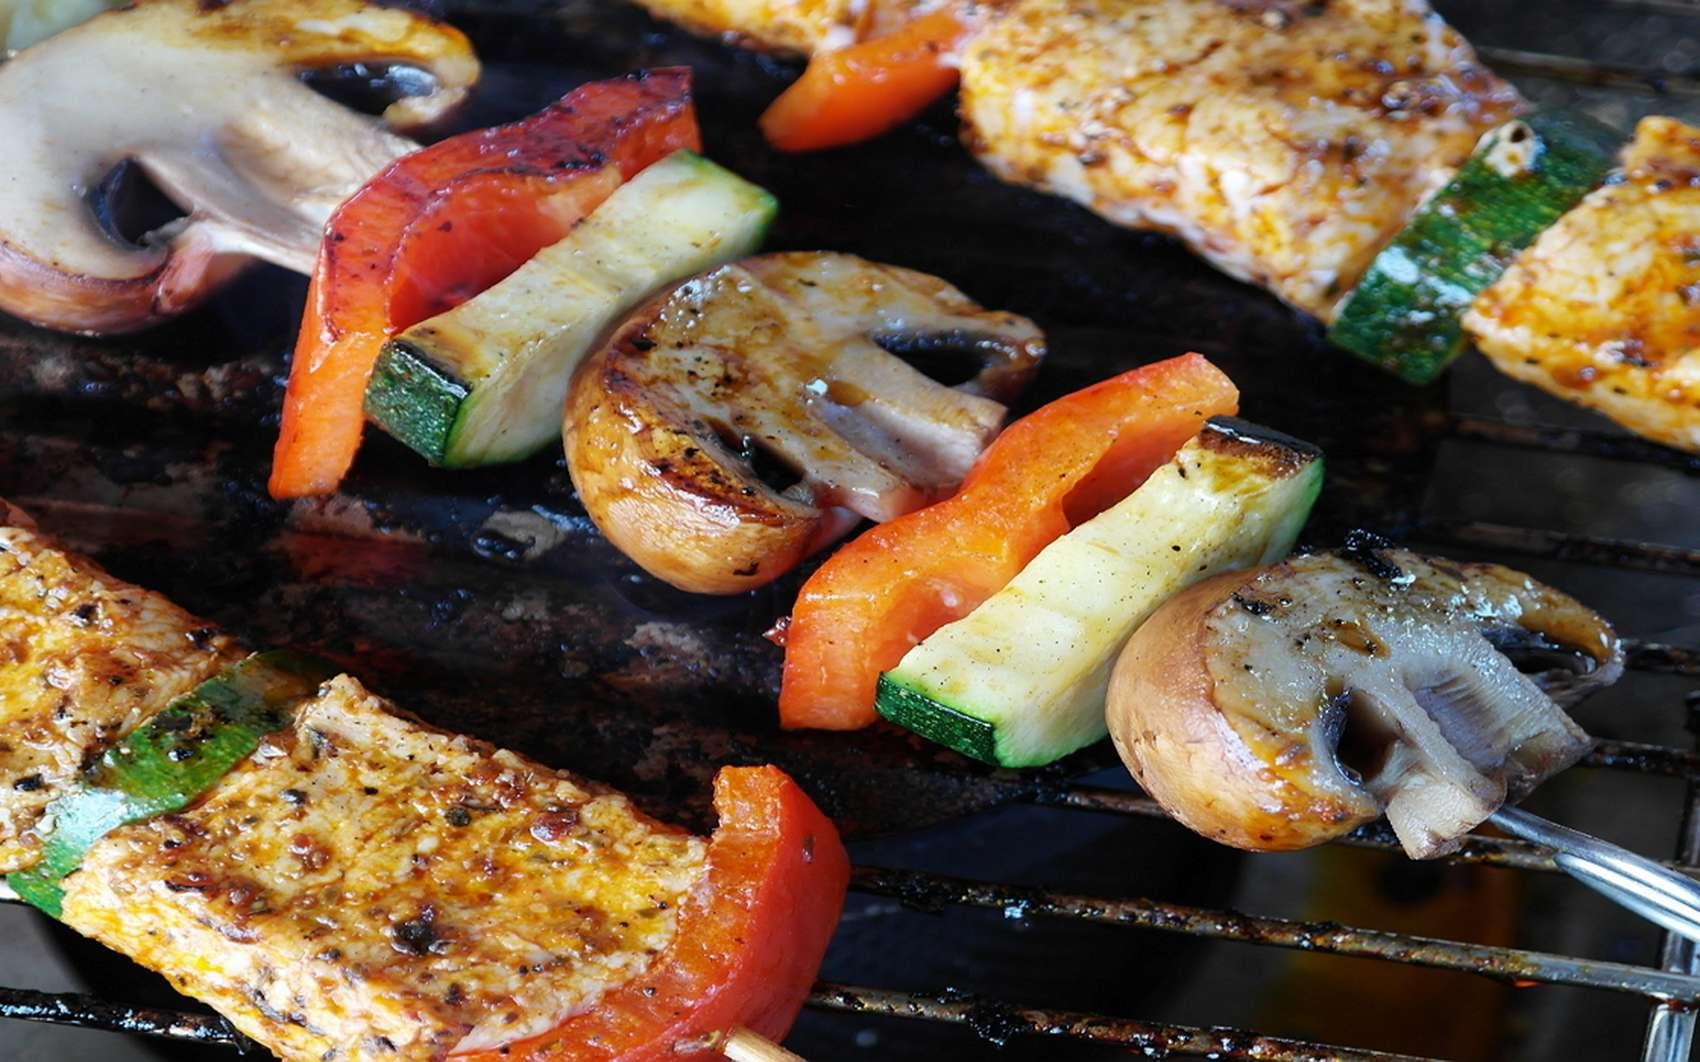 Futura vous explique comment manger plus sainement grâce à l'application Yuka. © pxhere